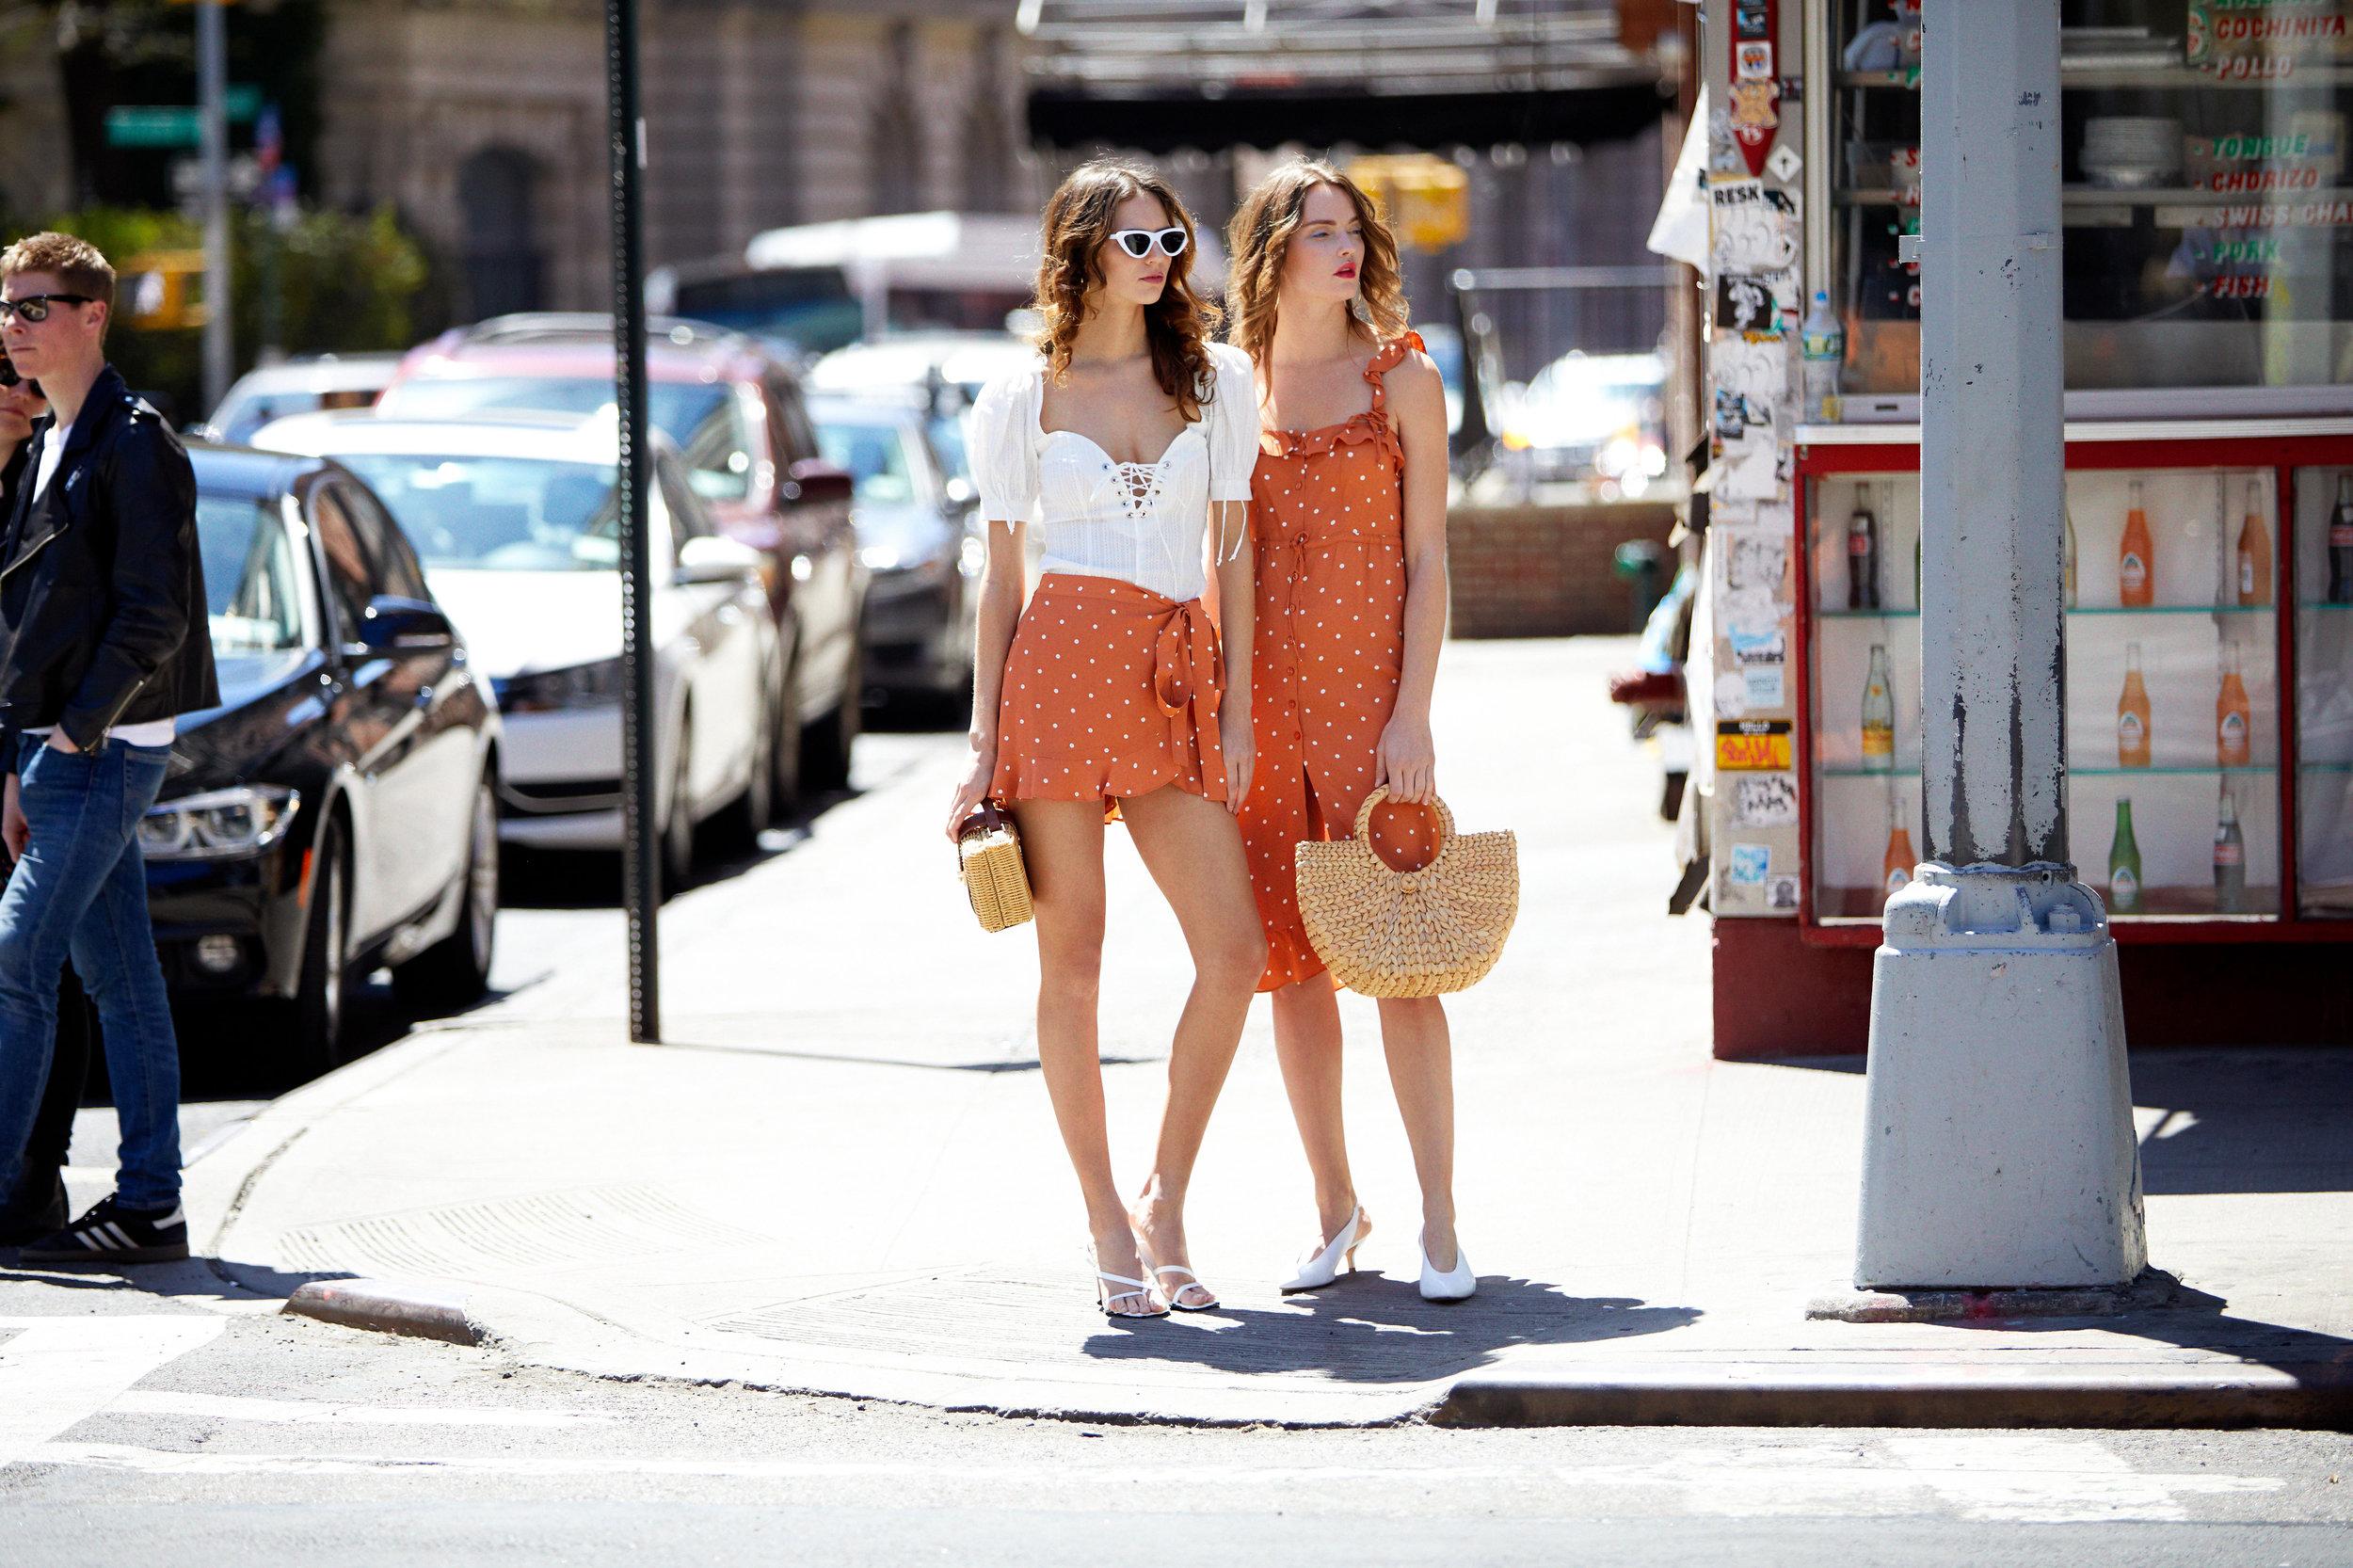 Left: Anabelle Lace Up Blouse & Natalia Polka Dot Skort - Copper Dot  Right: Natalia Polka Dot Midi Dress - Copper Dot & Half-Moon Straw Tote Bag